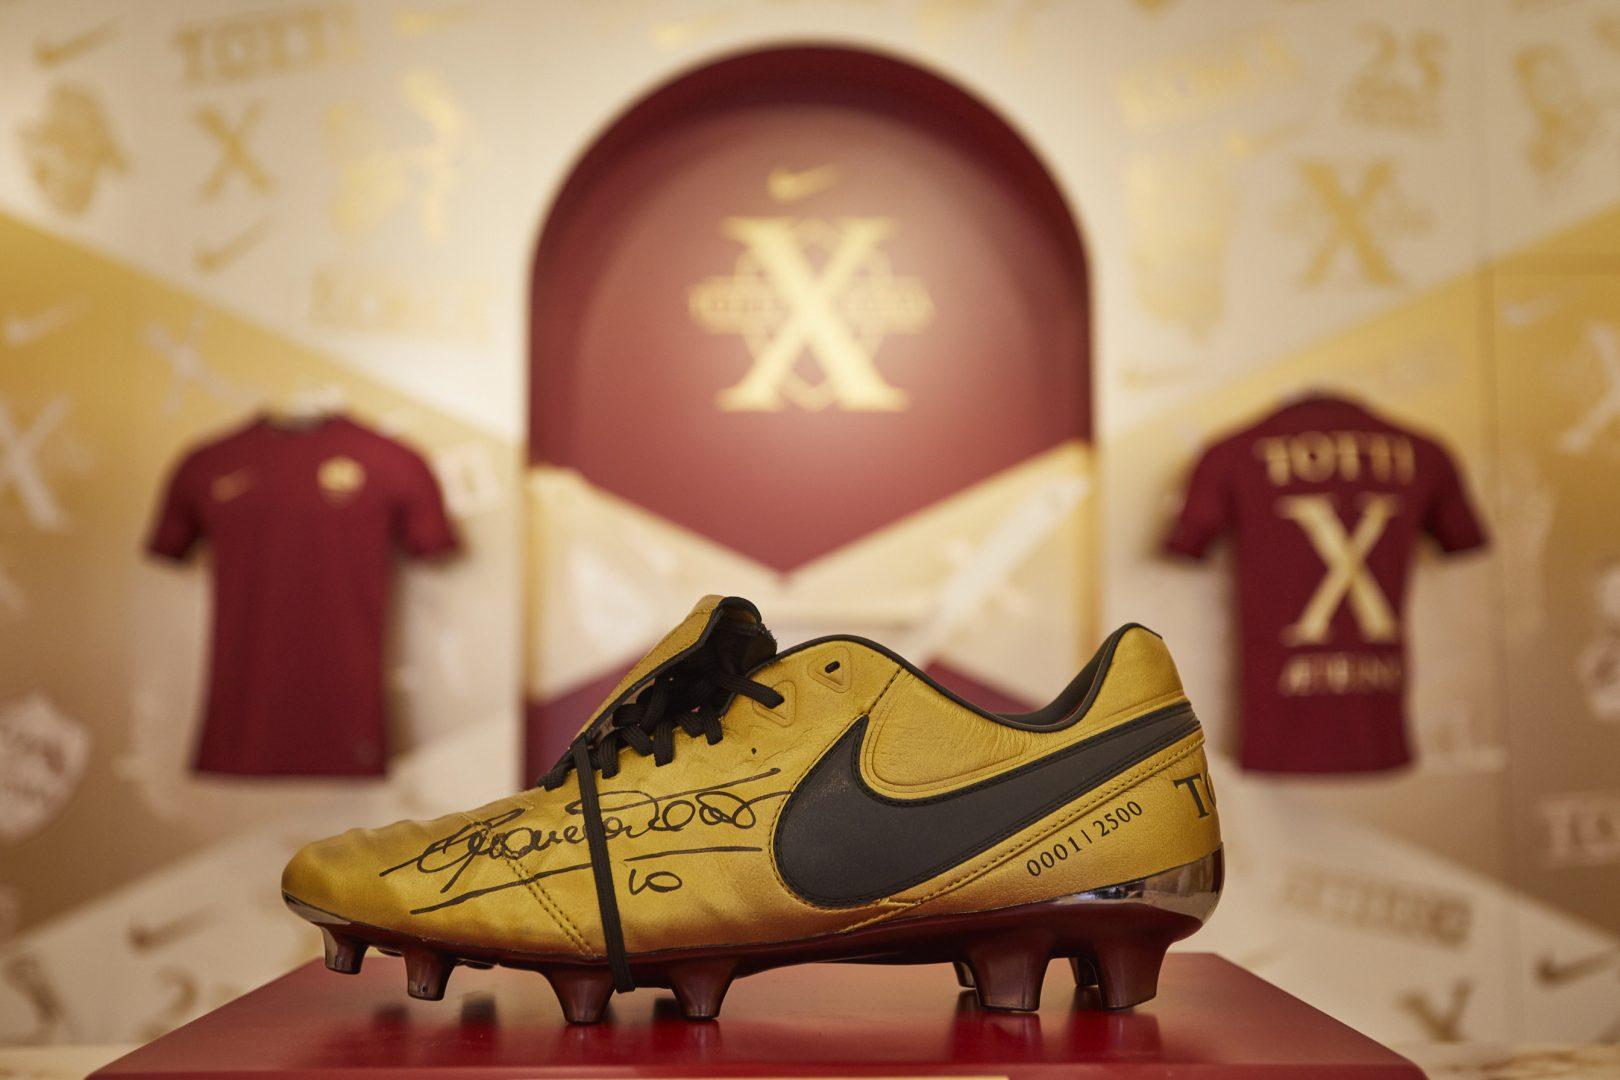 Scarpini Totti Tiempo Edizione Gli In Roma X Presenta Limitata Nike aYx0qwCEE